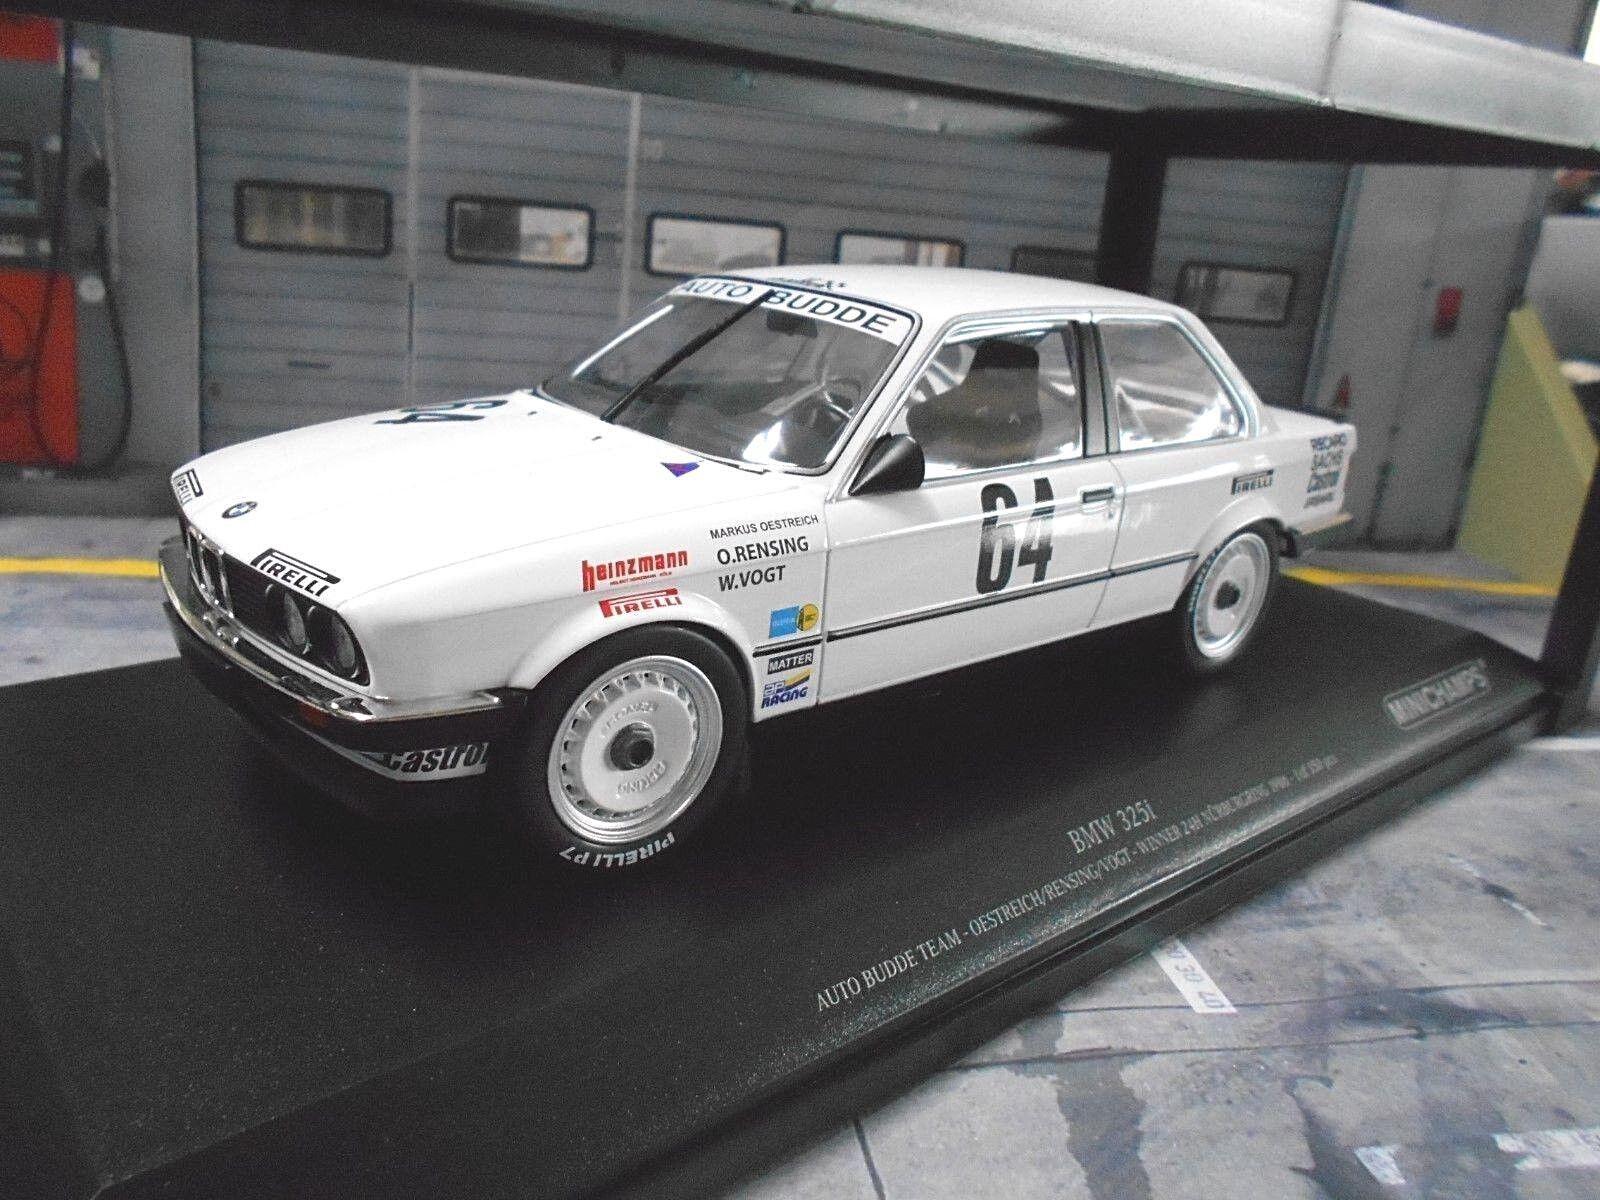 BMW 325i 3er E30 24h Nürburgring Sieger Budde Oestreich Vog 1986 Minichamps 1 18